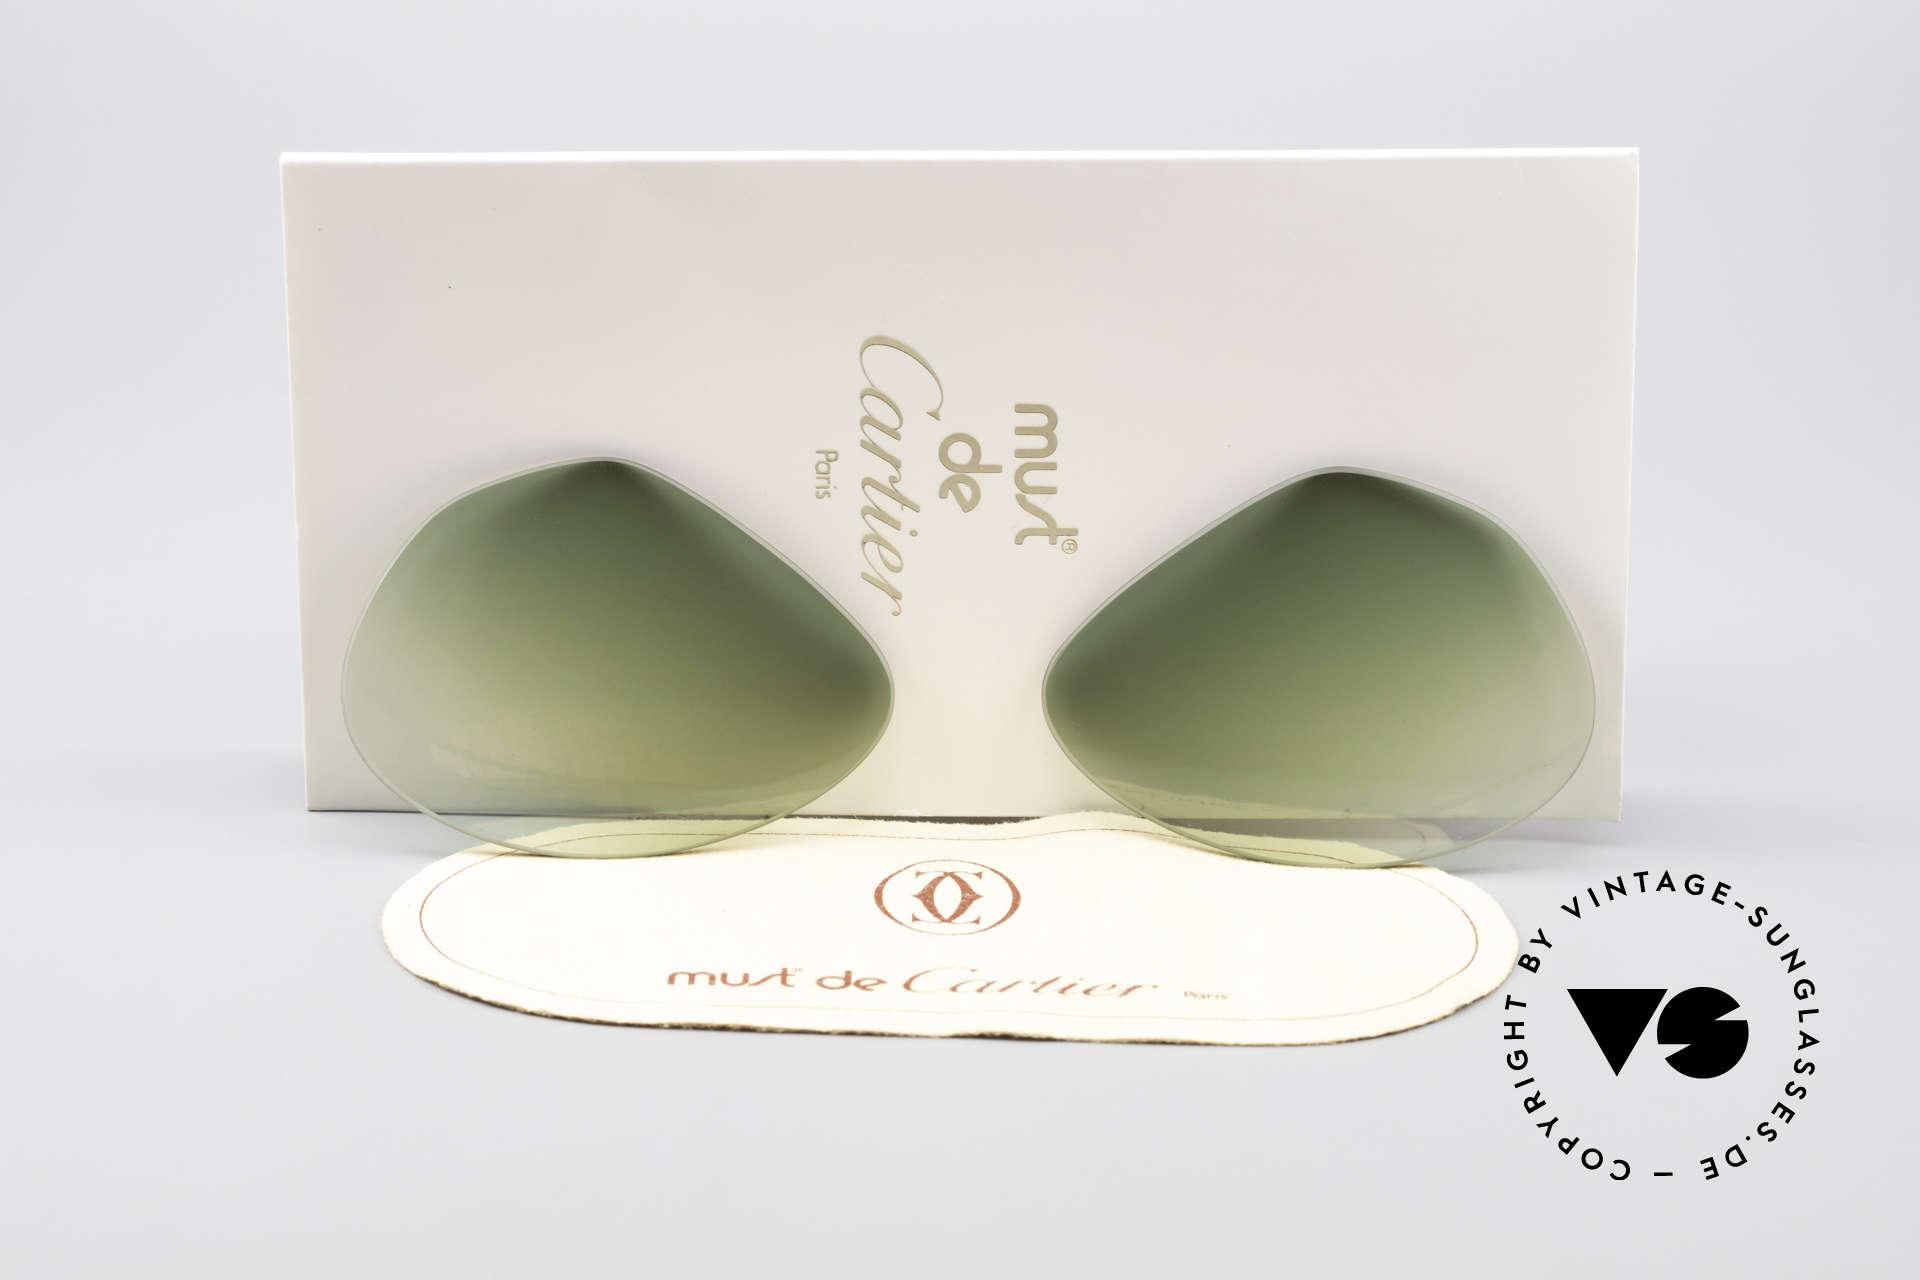 Cartier Vendome Lenses - L Sonnengläser Grün Verlauf, Ersatzgläser für Cartier Modell Vendome LARGE 62mm, Passend für Herren